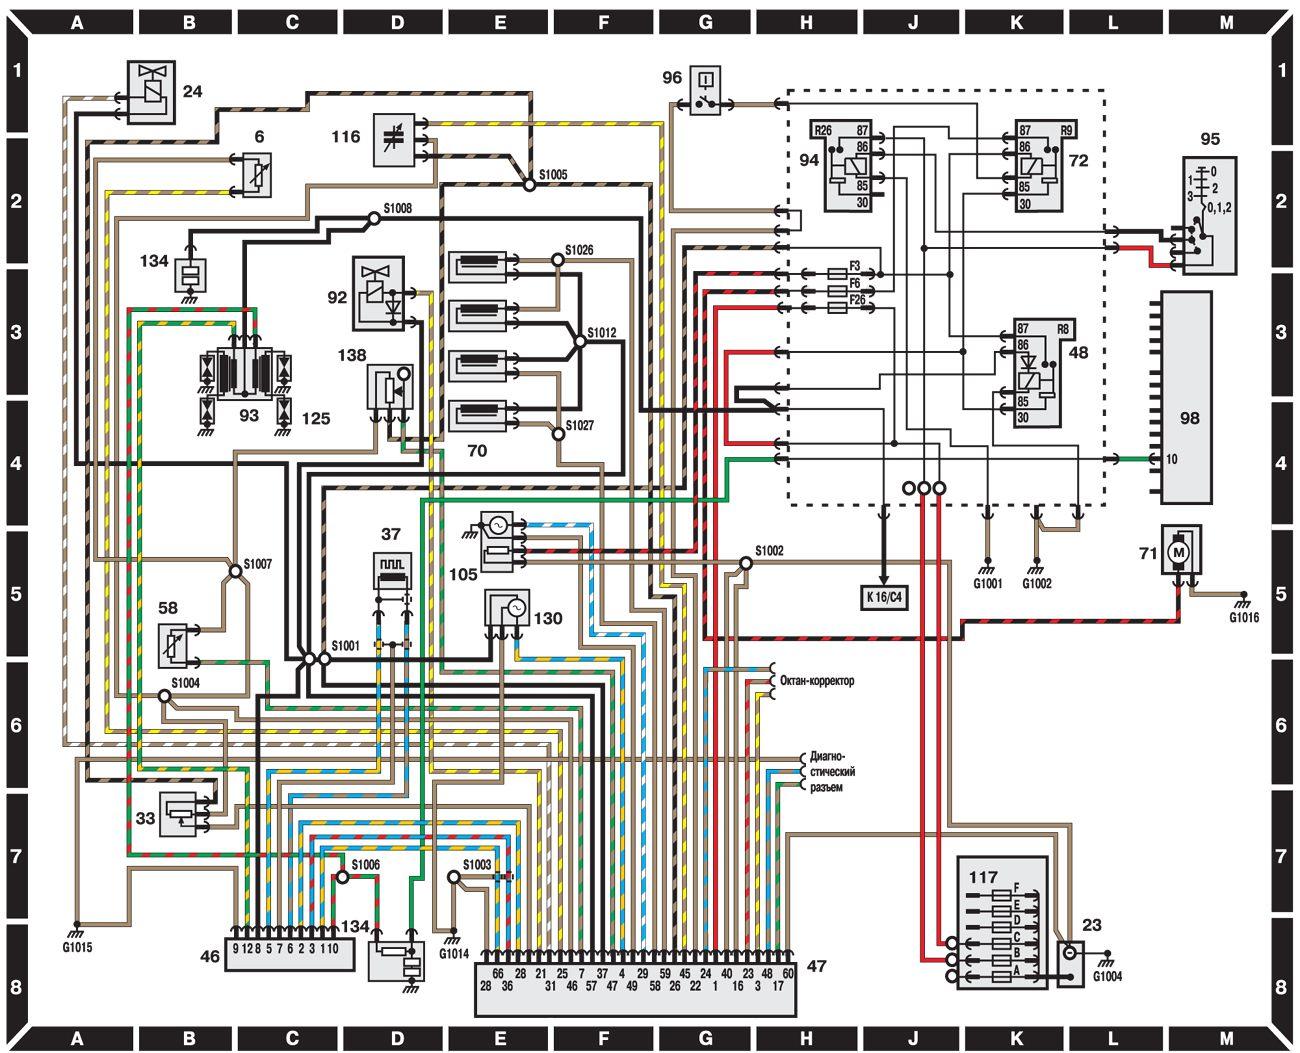 Рис. 1. Cхема электрическая принципиальная СИСТЕМЫ УПРАВЛЕНИЯ ДВИГАТЕЛЕМ 1,6 EF (модели выпуска до 1995 г.